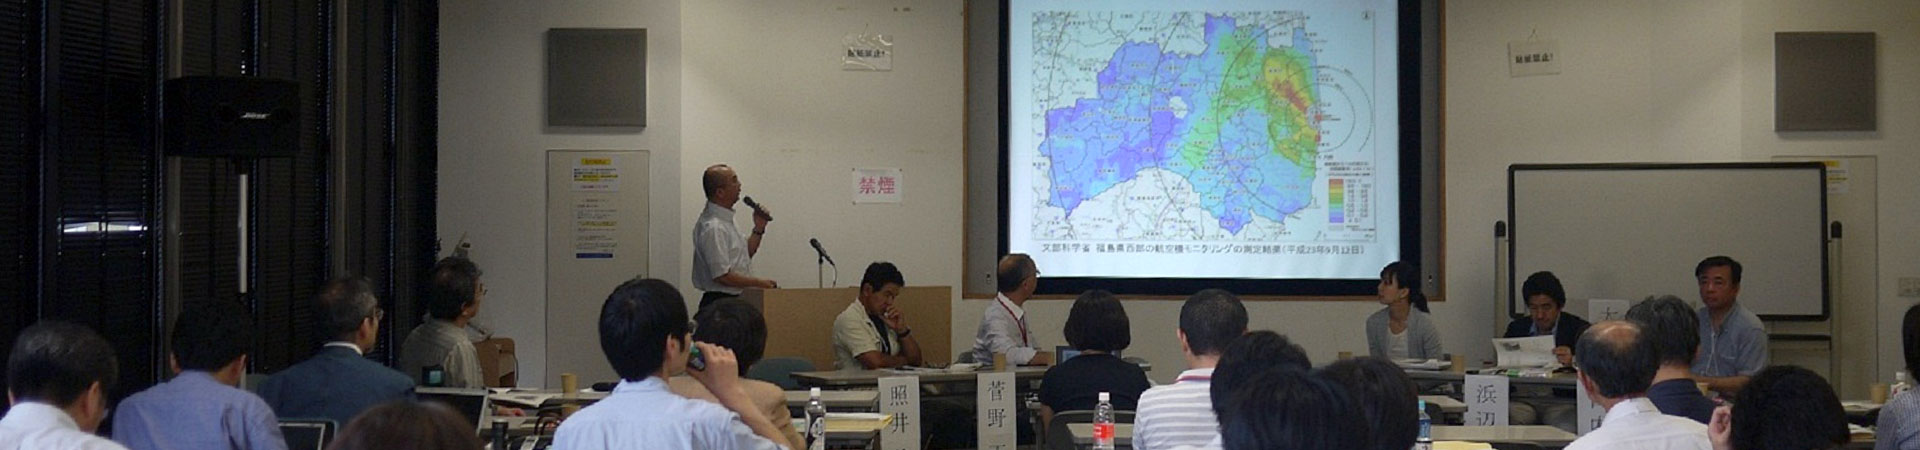 東日本大震災における民間支援の軌跡と動向調査